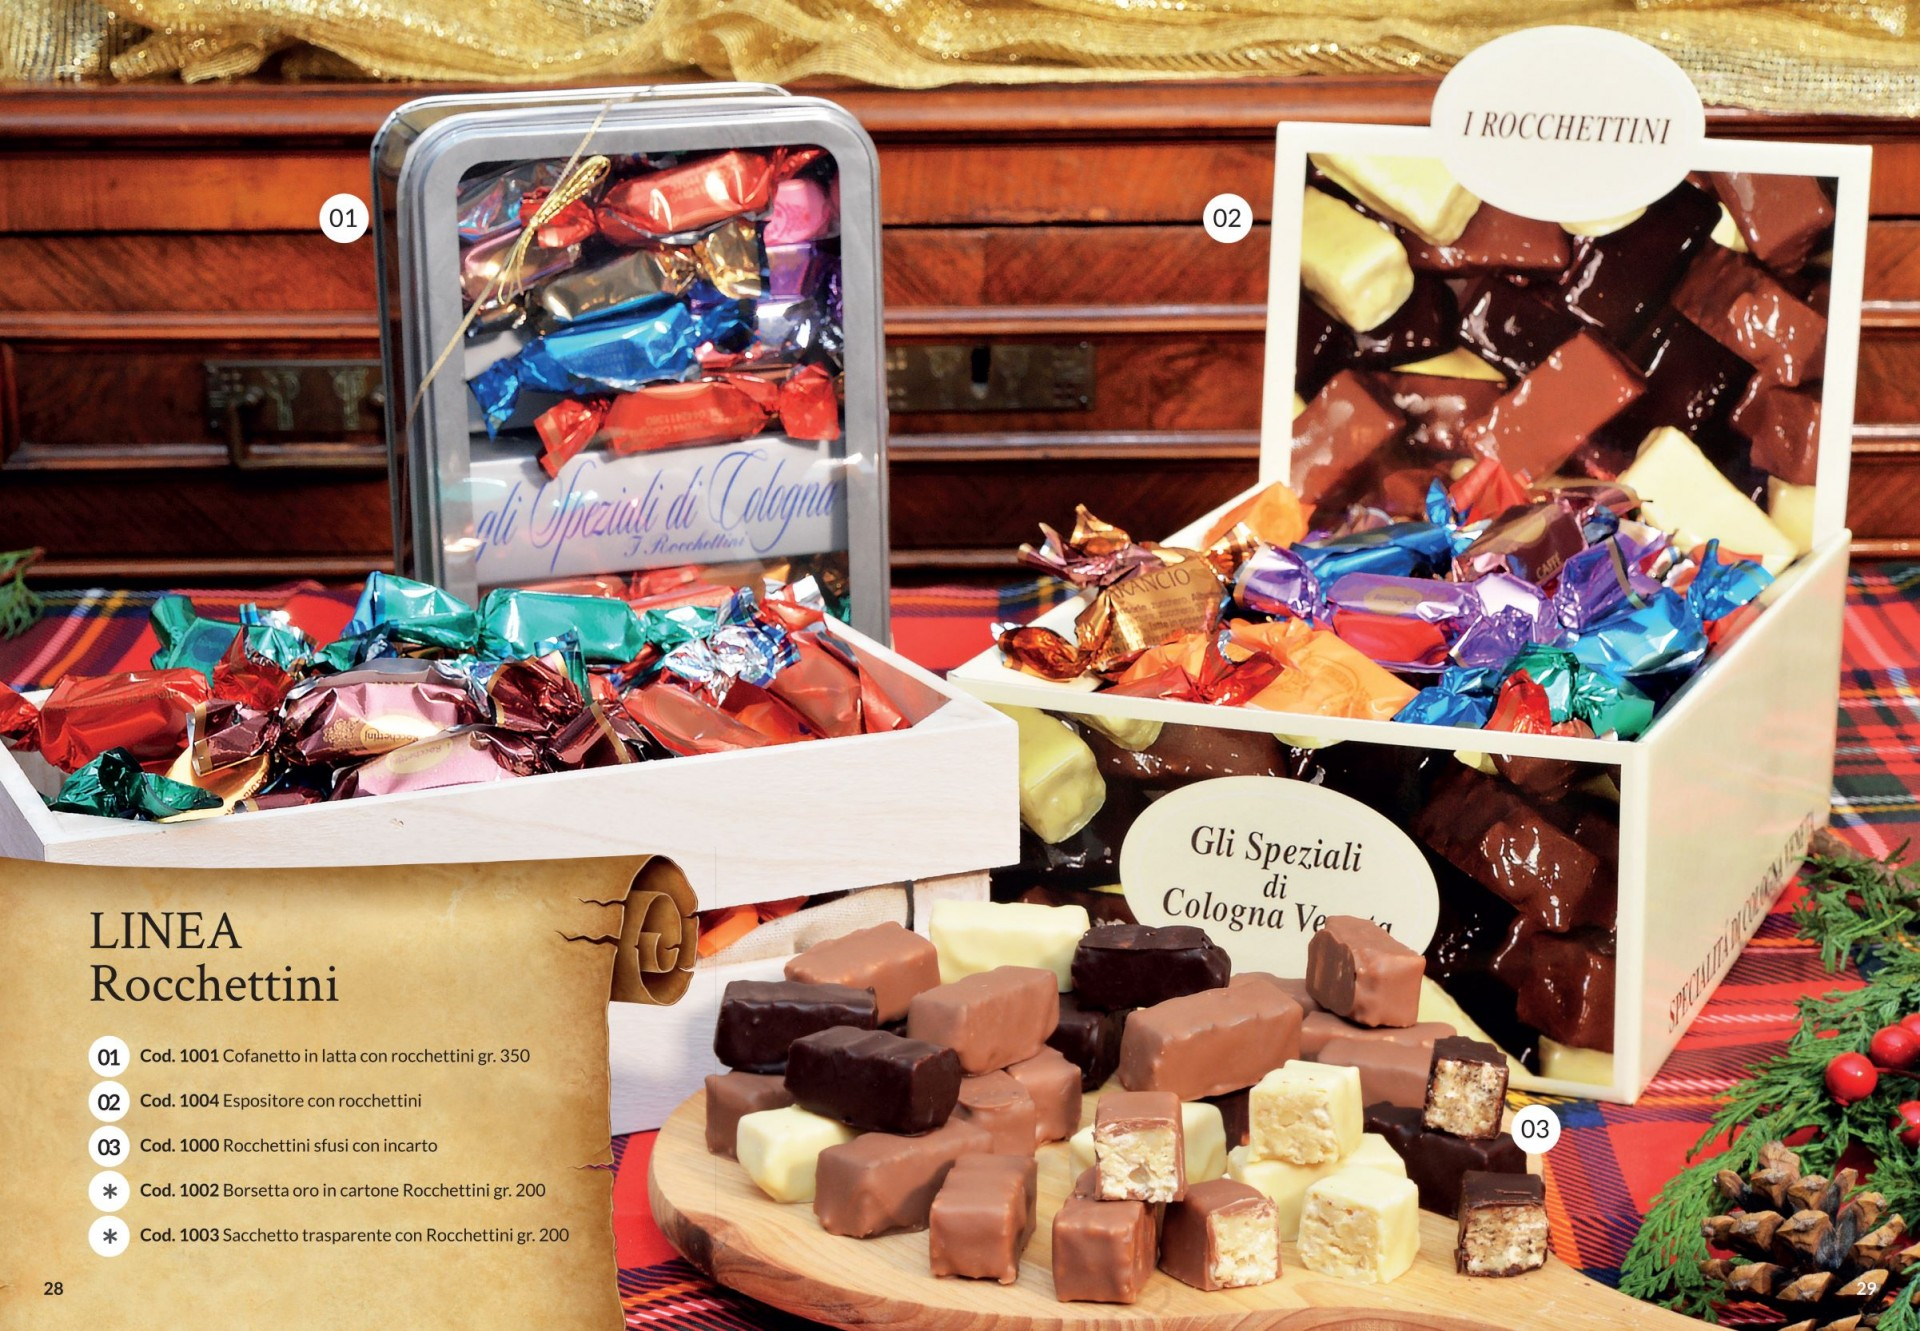 gli-speziali-di-cologna-veneta-i-rocchettini-cioccolato-e-mandorlato.jpg